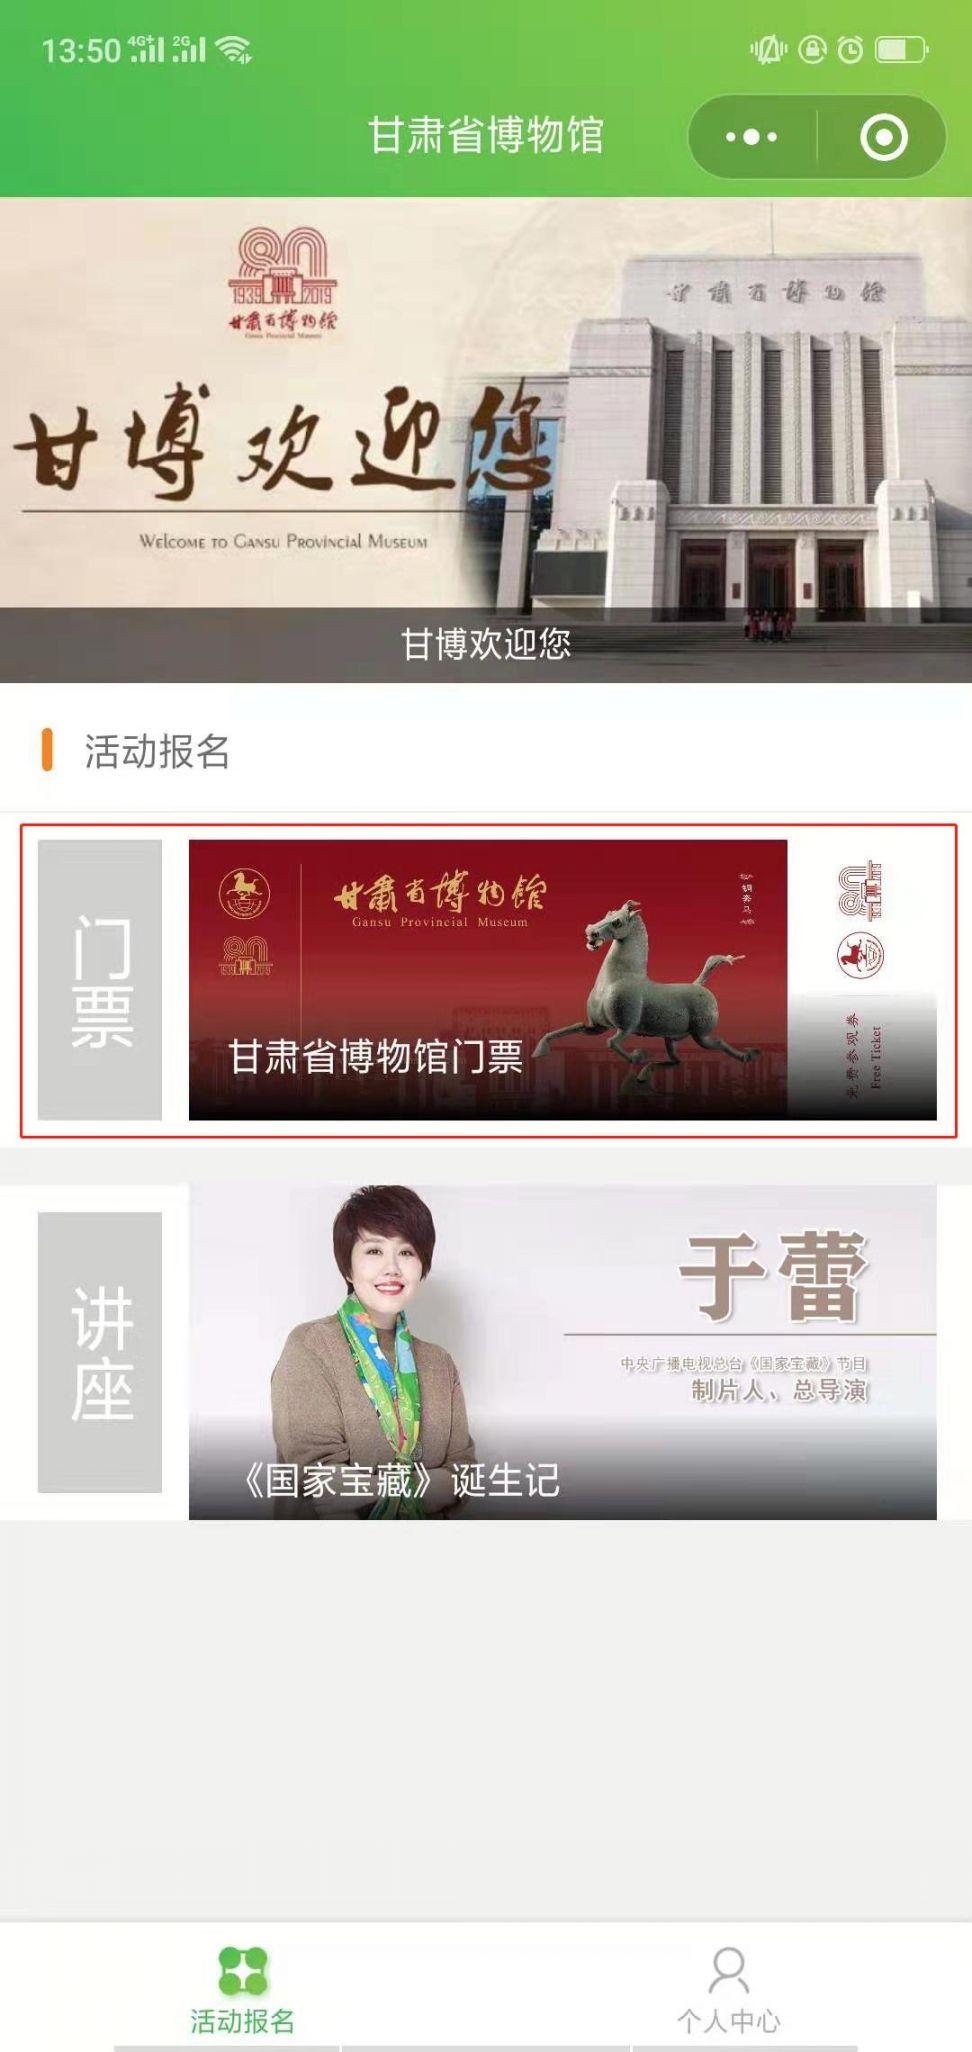 甘肃省博物馆网上预约指南(附预约入口)